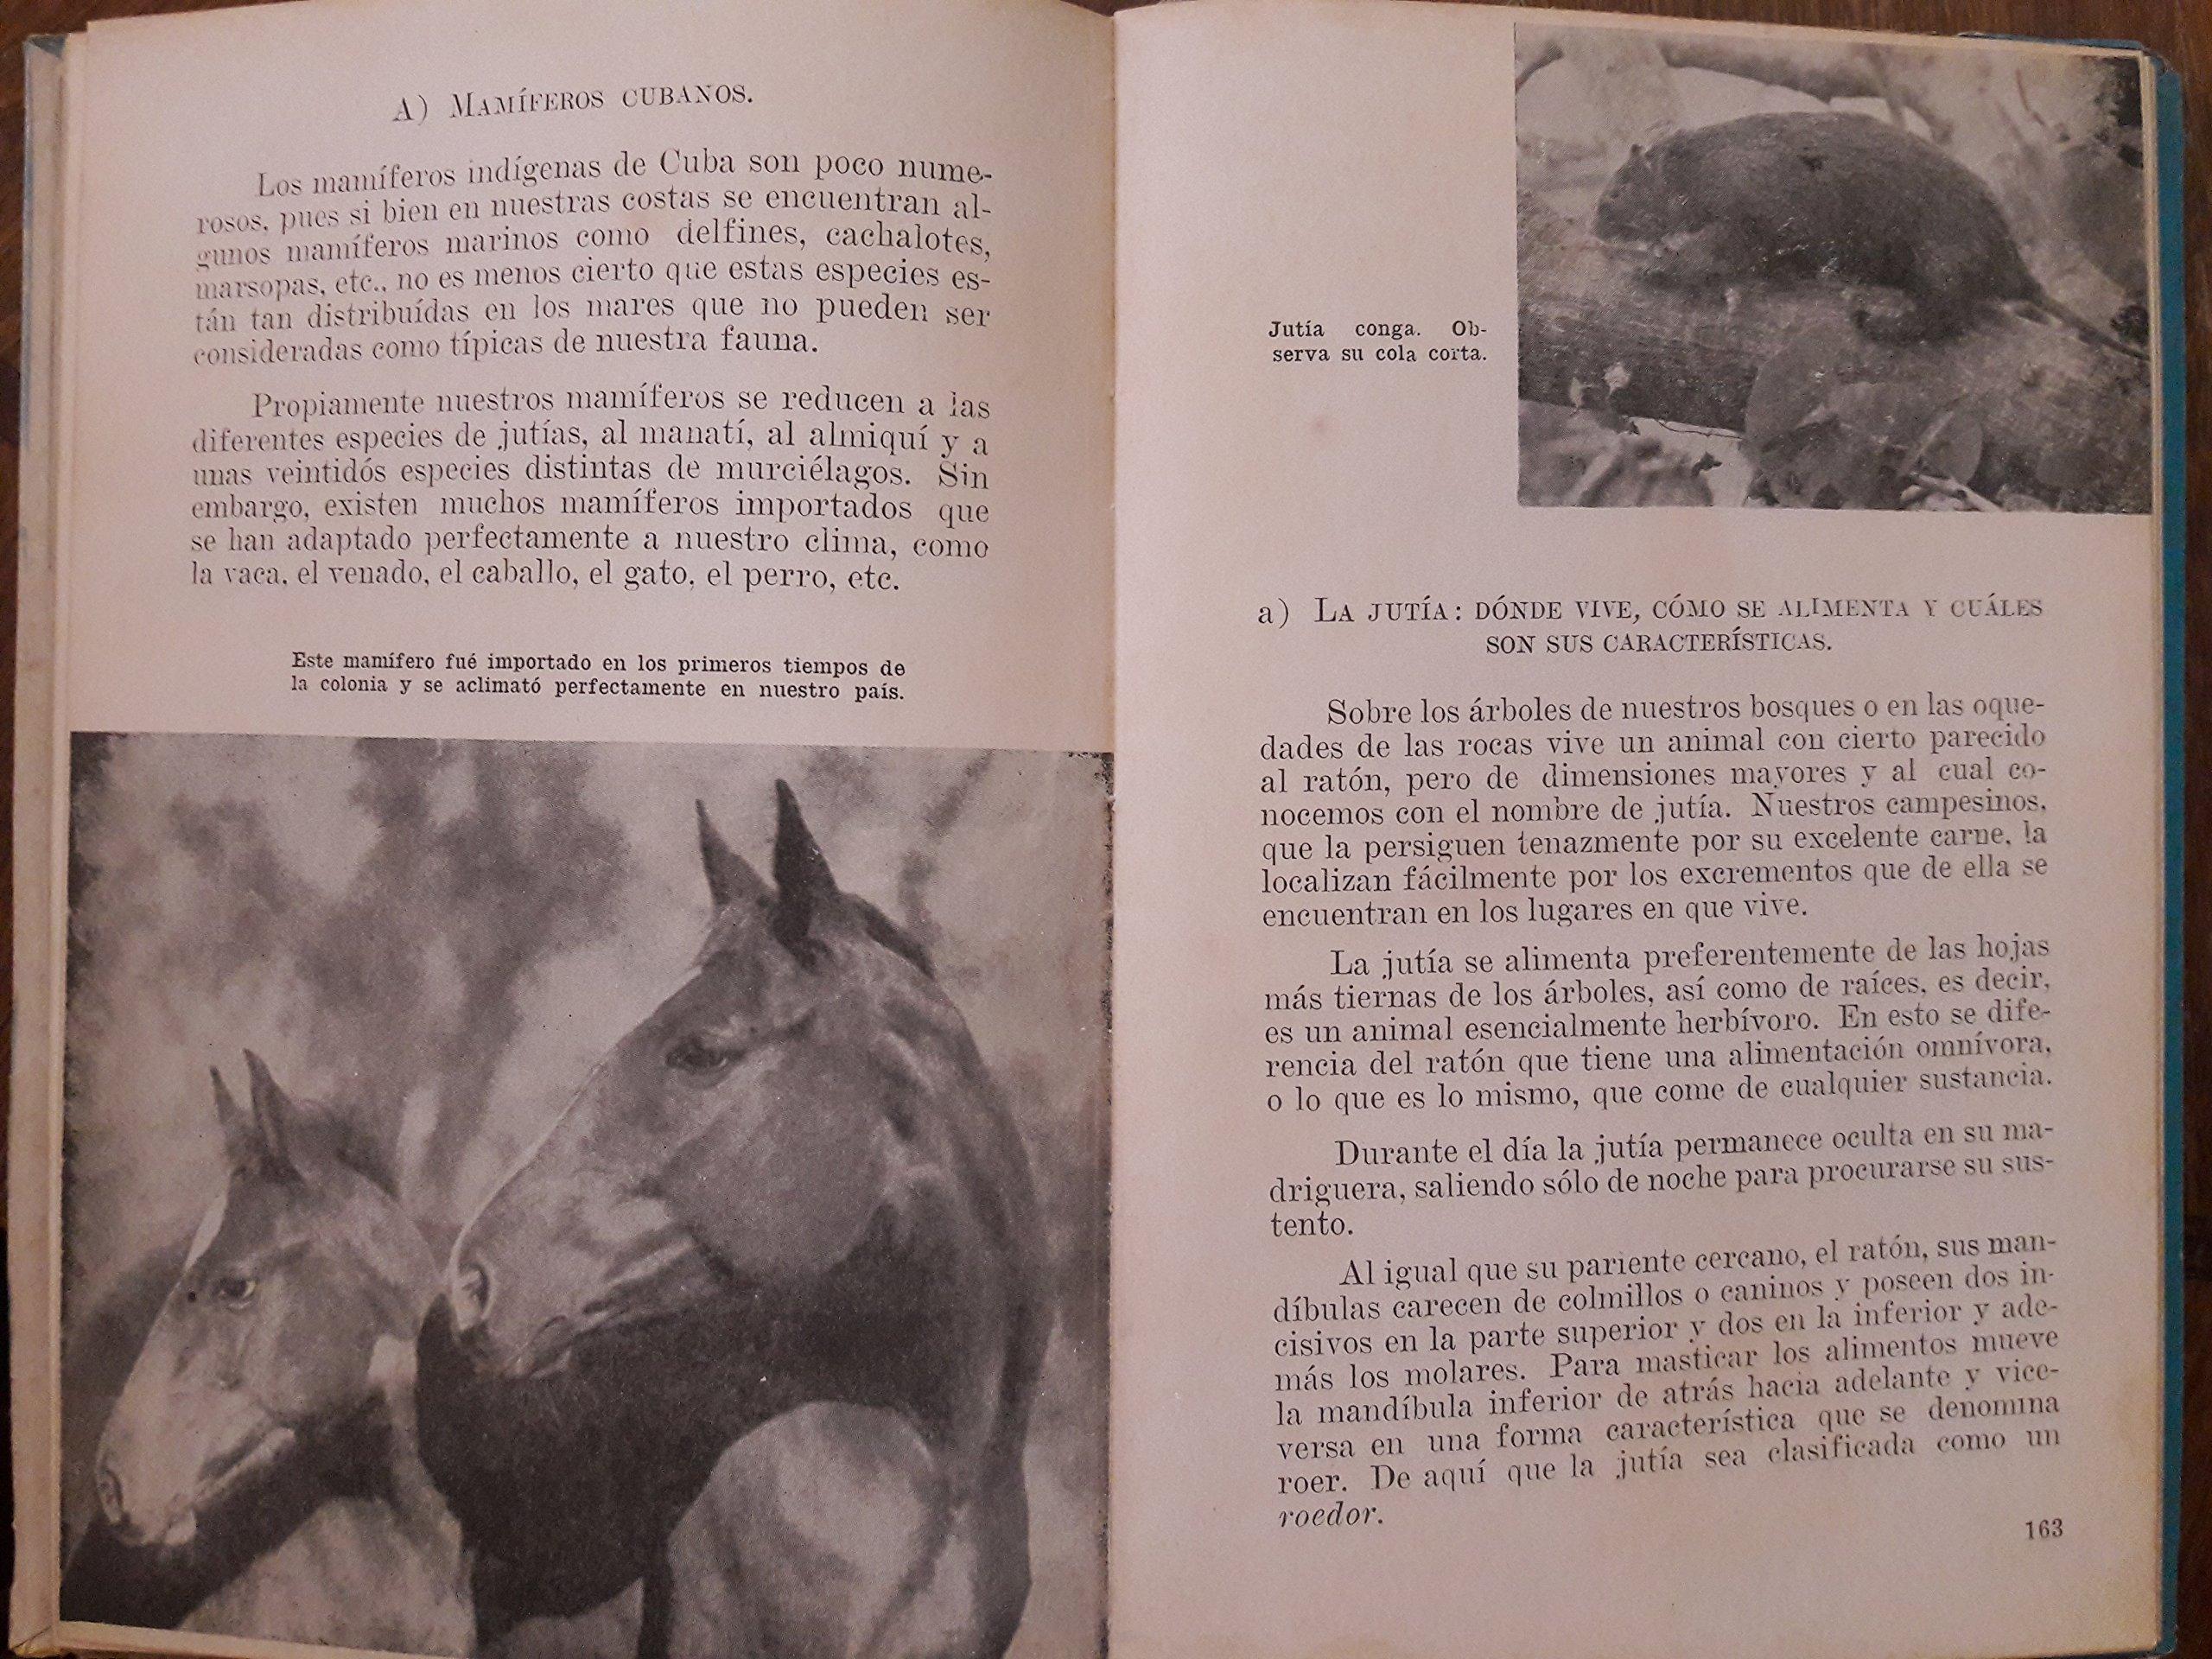 Estudios de la naturaleza, quinto grado.libro de texto de las escuelas cubanas.1949.: jose f wegener gonzalez: Amazon.com: Books